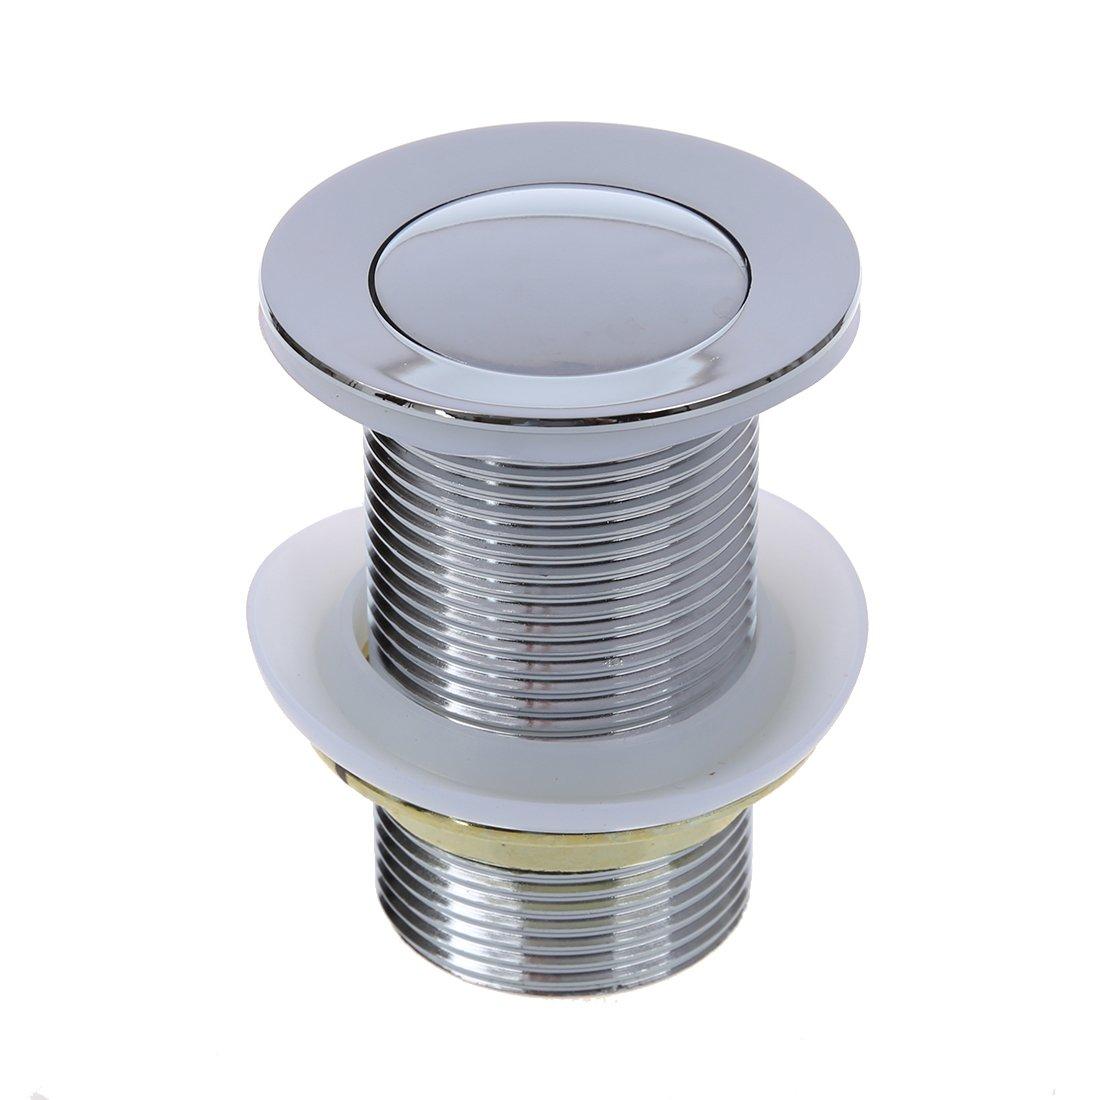 Semoic 8cm Bonde Pop-up Automatique Pr Evier Lavabo Sans Trop-plein